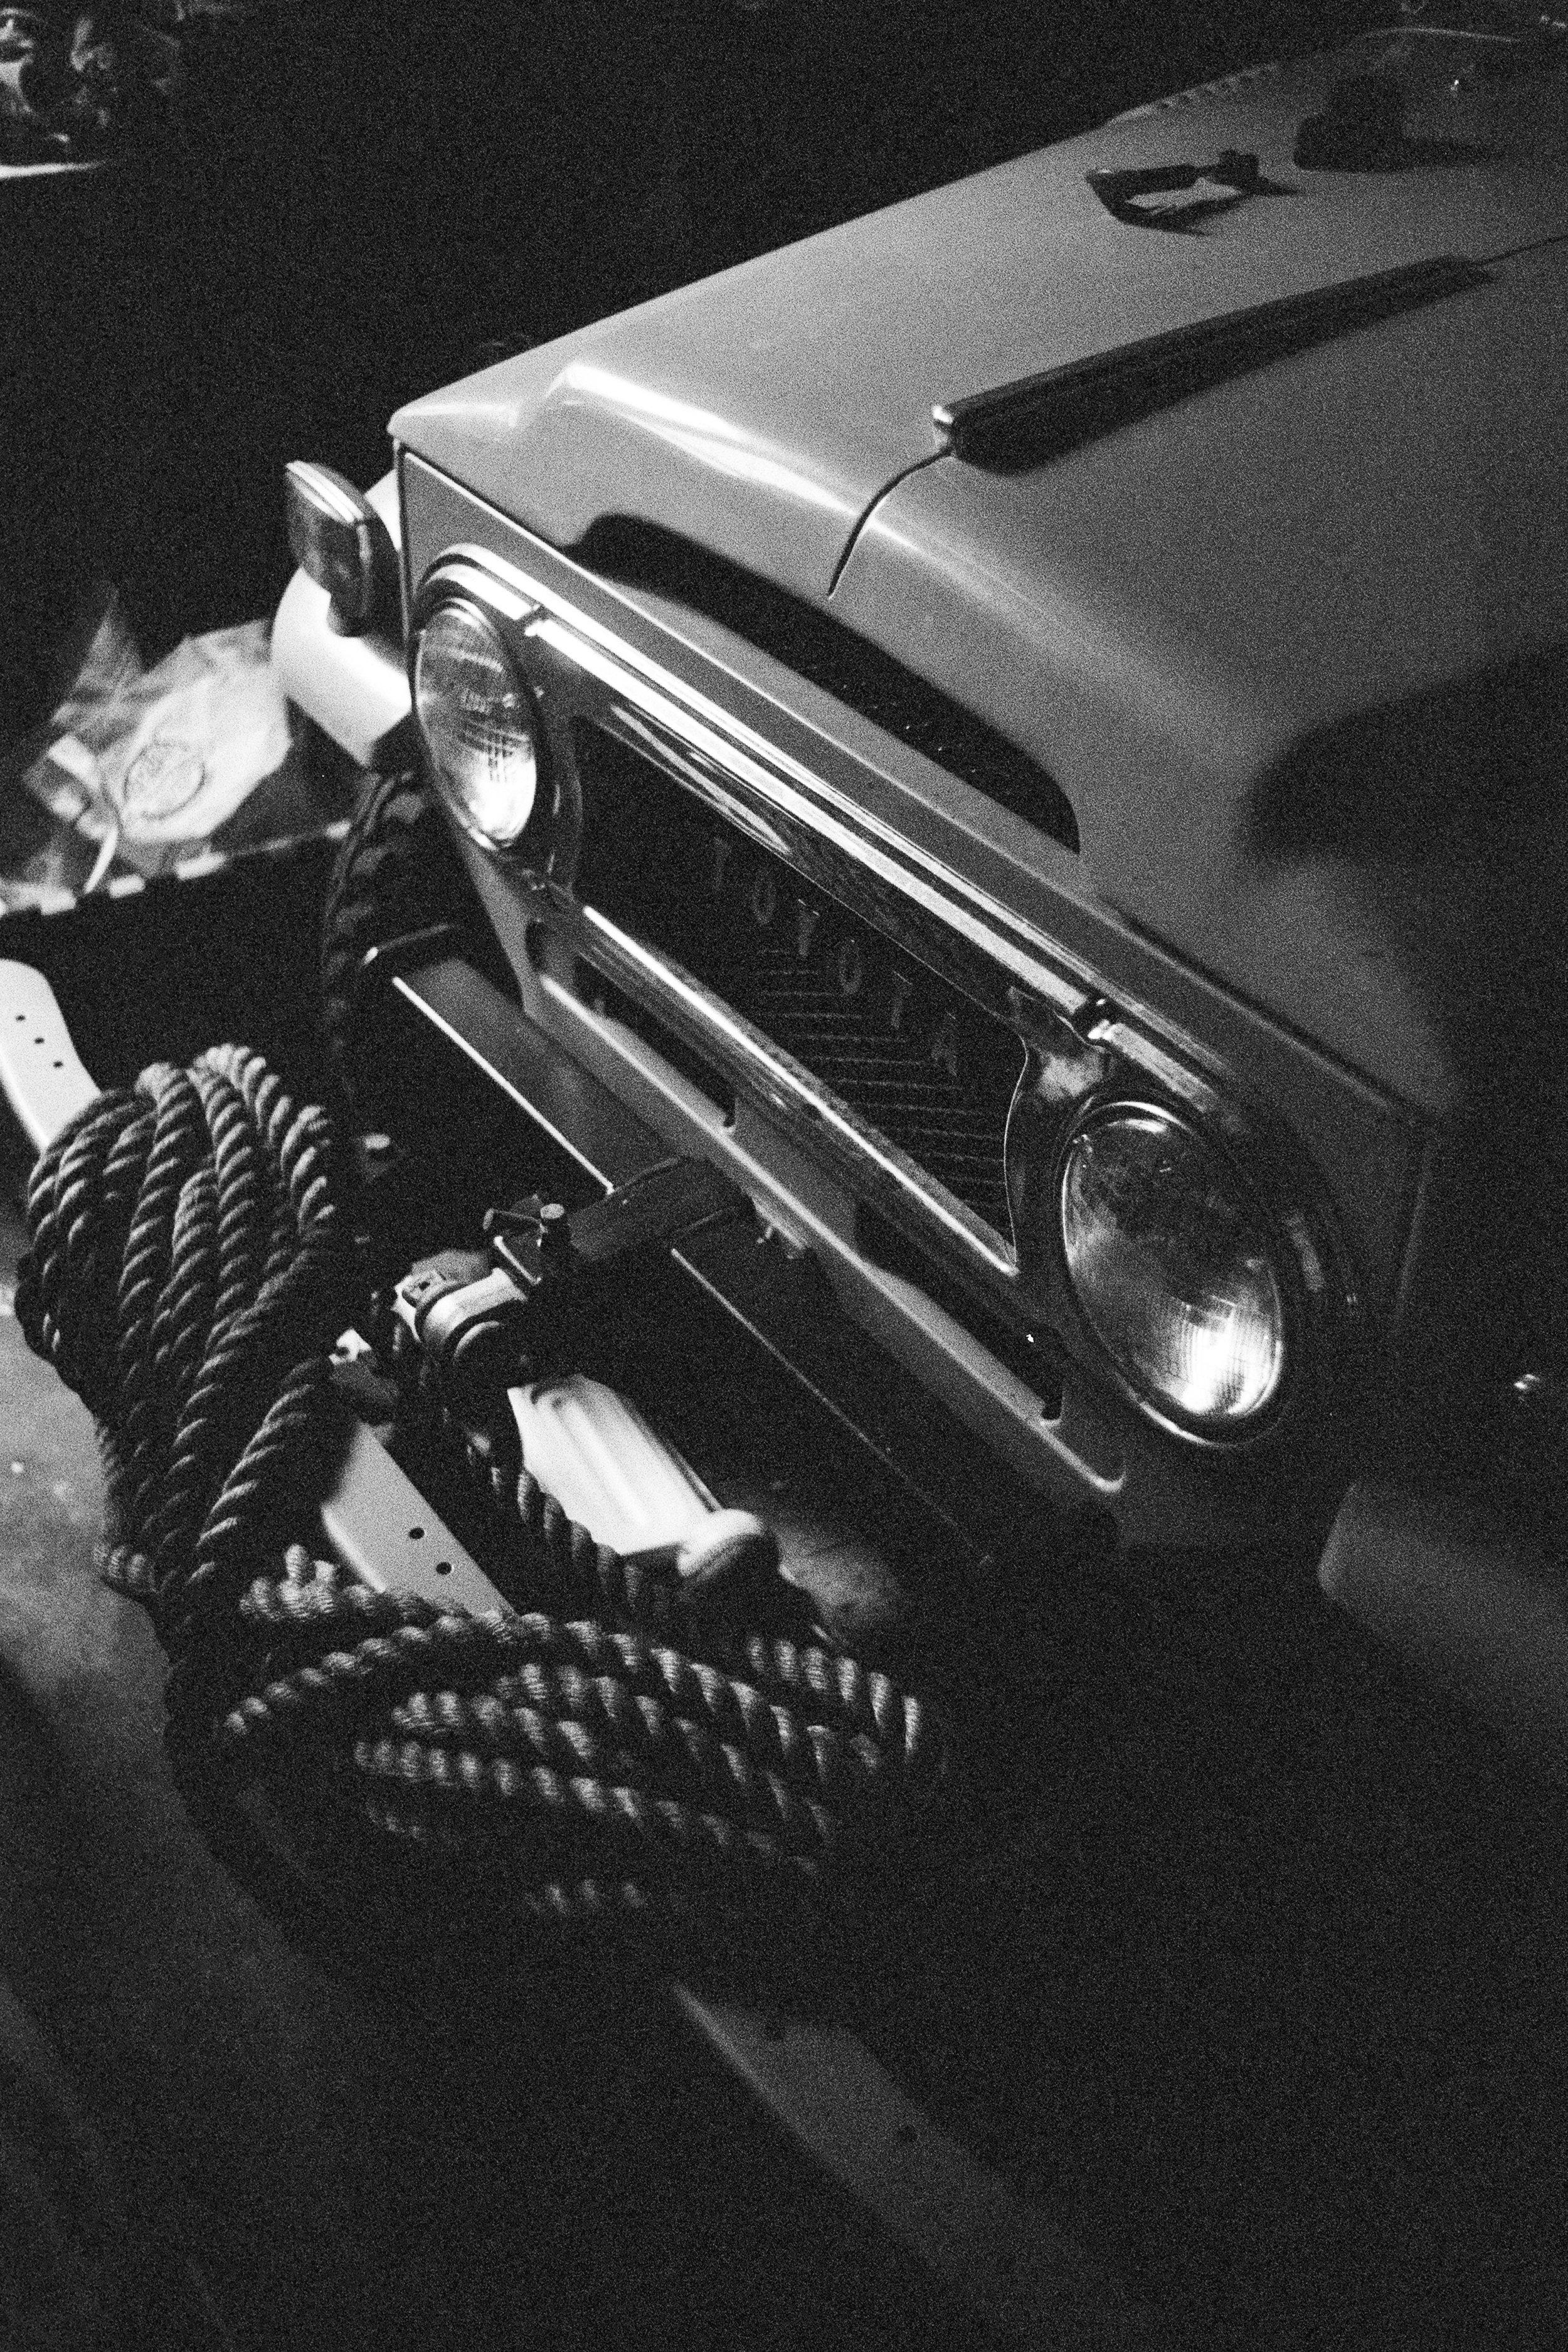 Kodak Tri-X 400 - 35mm Leica M6